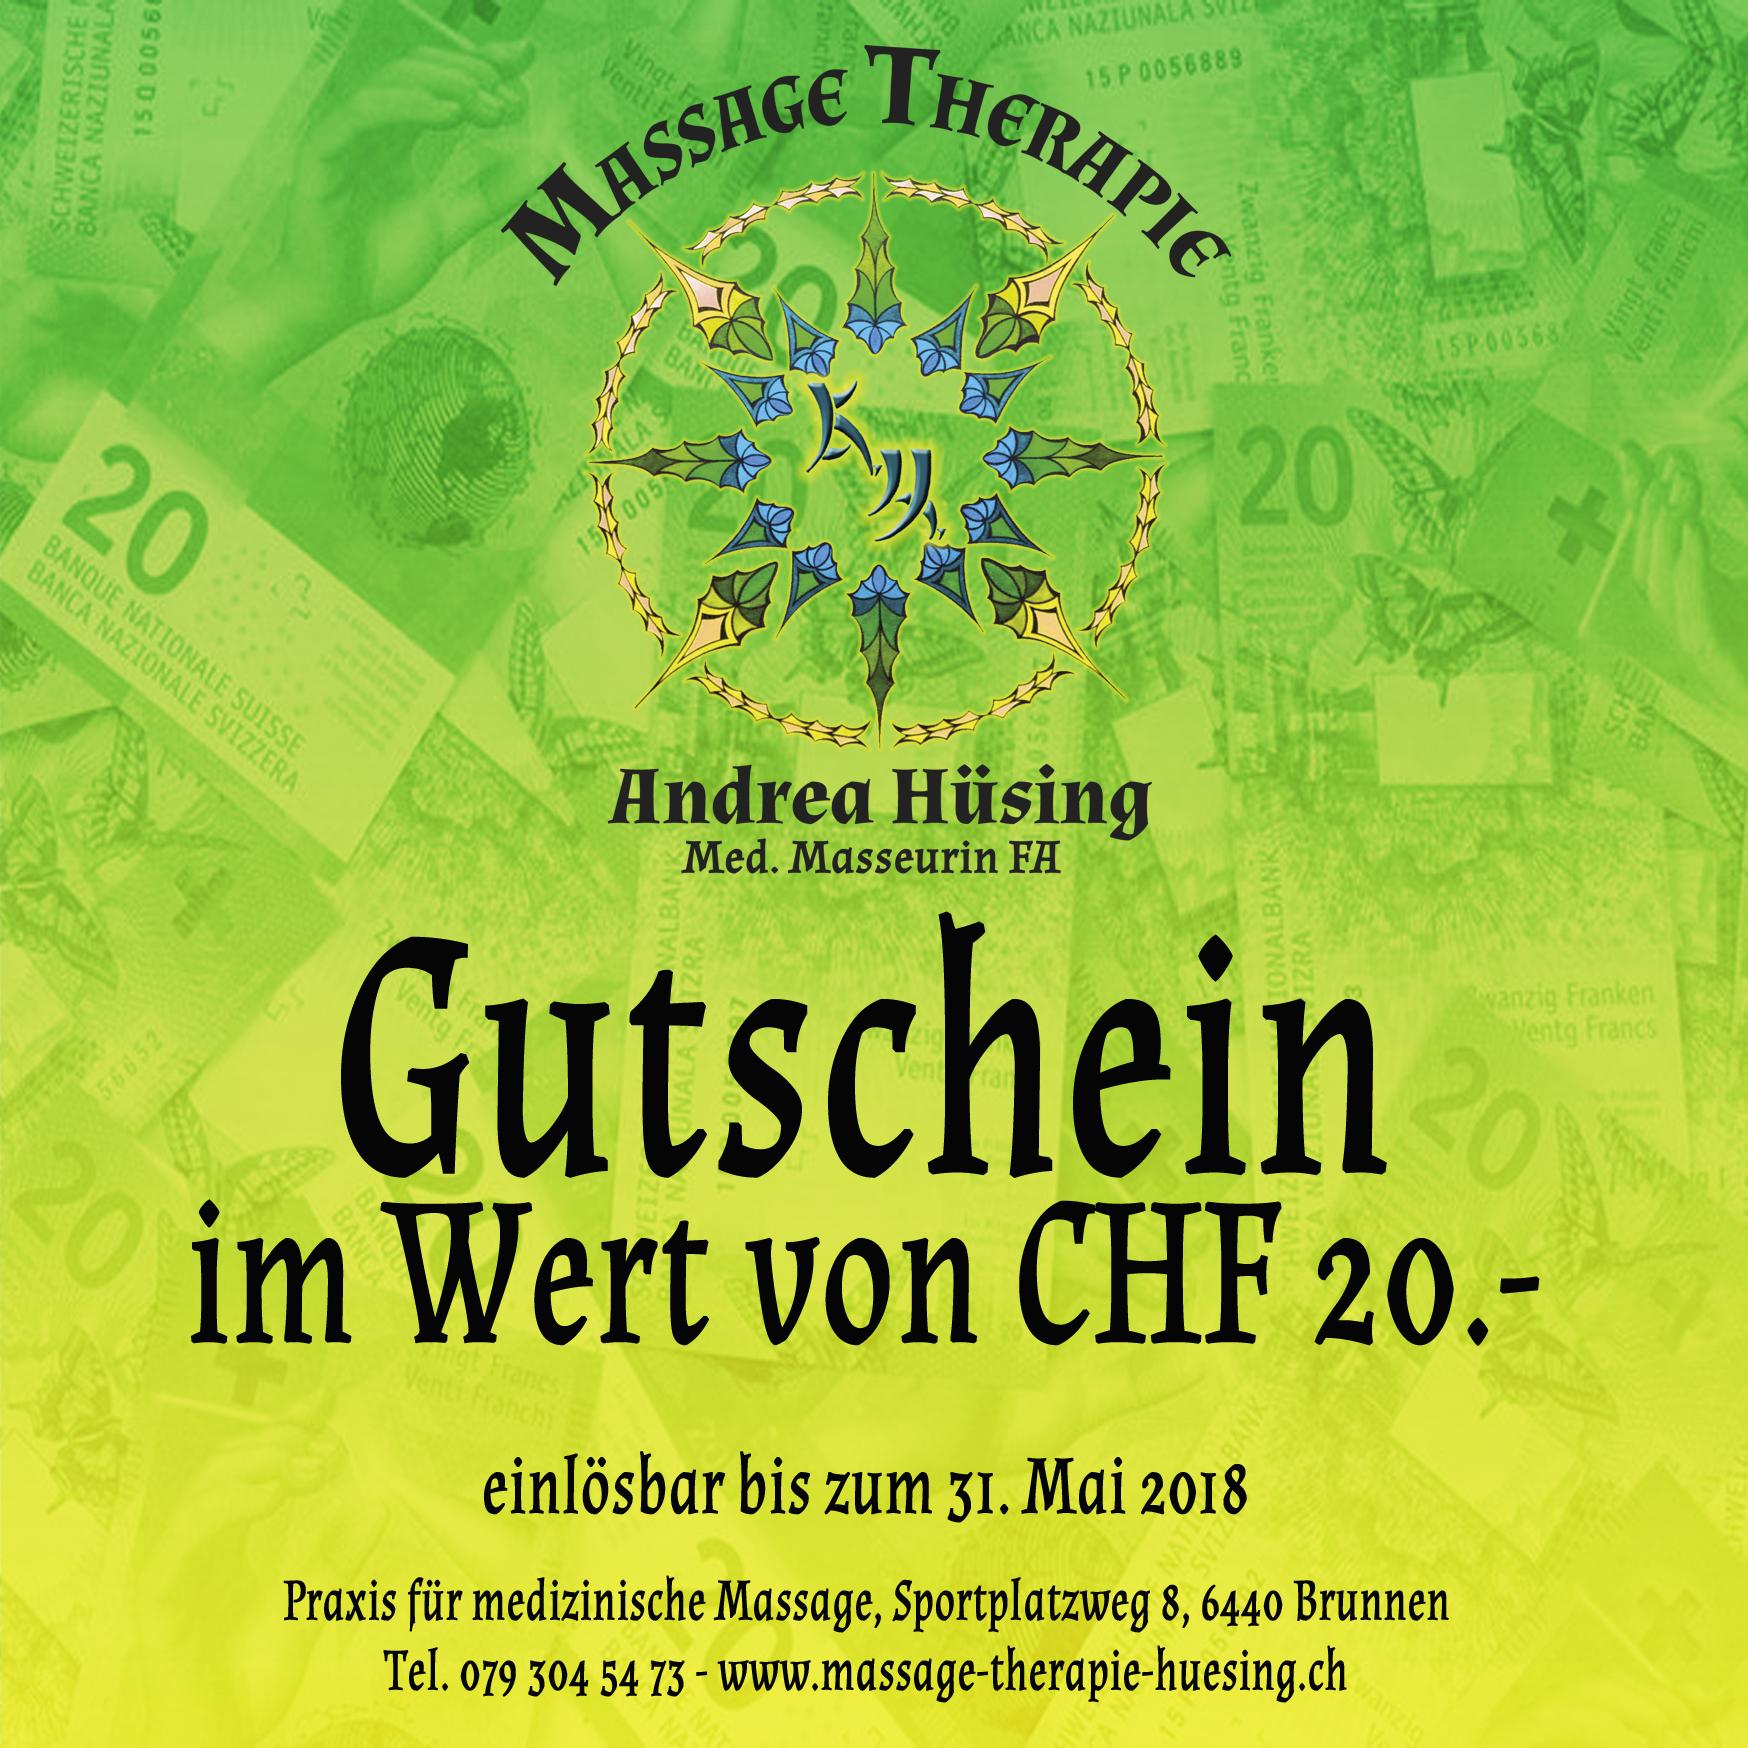 Gutschein CHF 20.- Frühjahr 2018 - gültig bis 31.5.2018